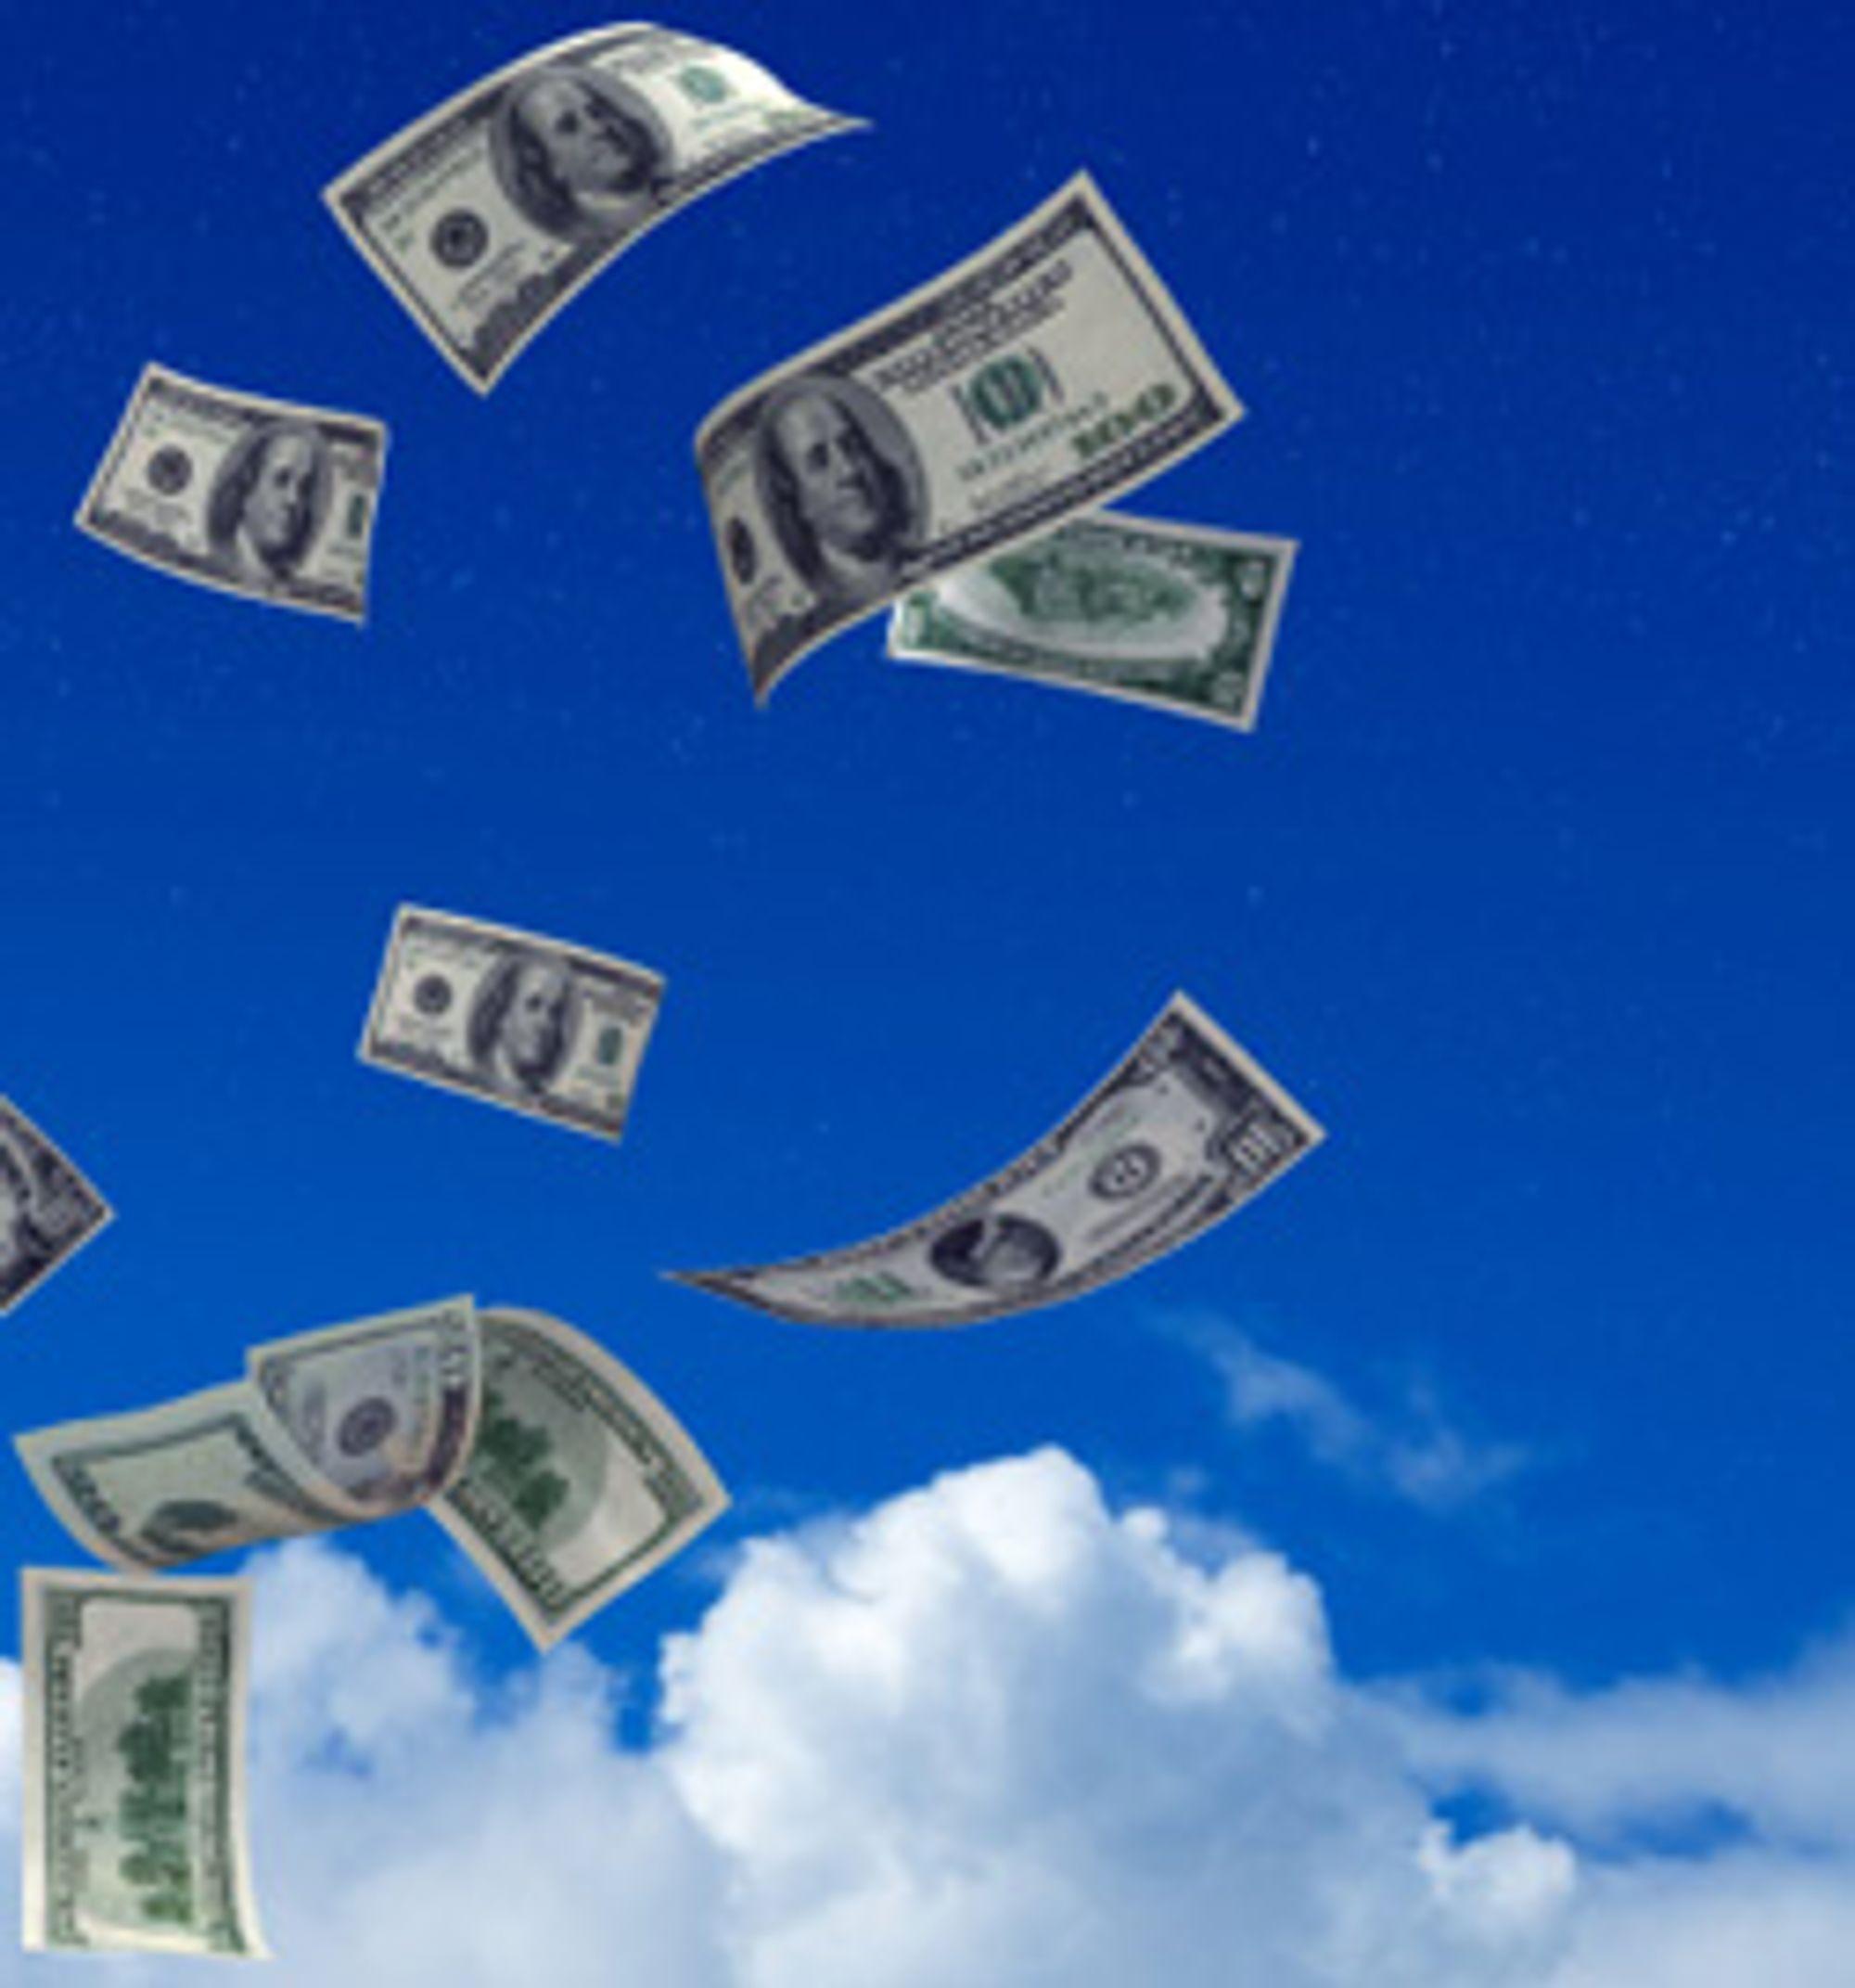 Like termineringspriser betyr mer penger til Telenor, mener Netcom. (Foto: Istockphoto / Kativ)